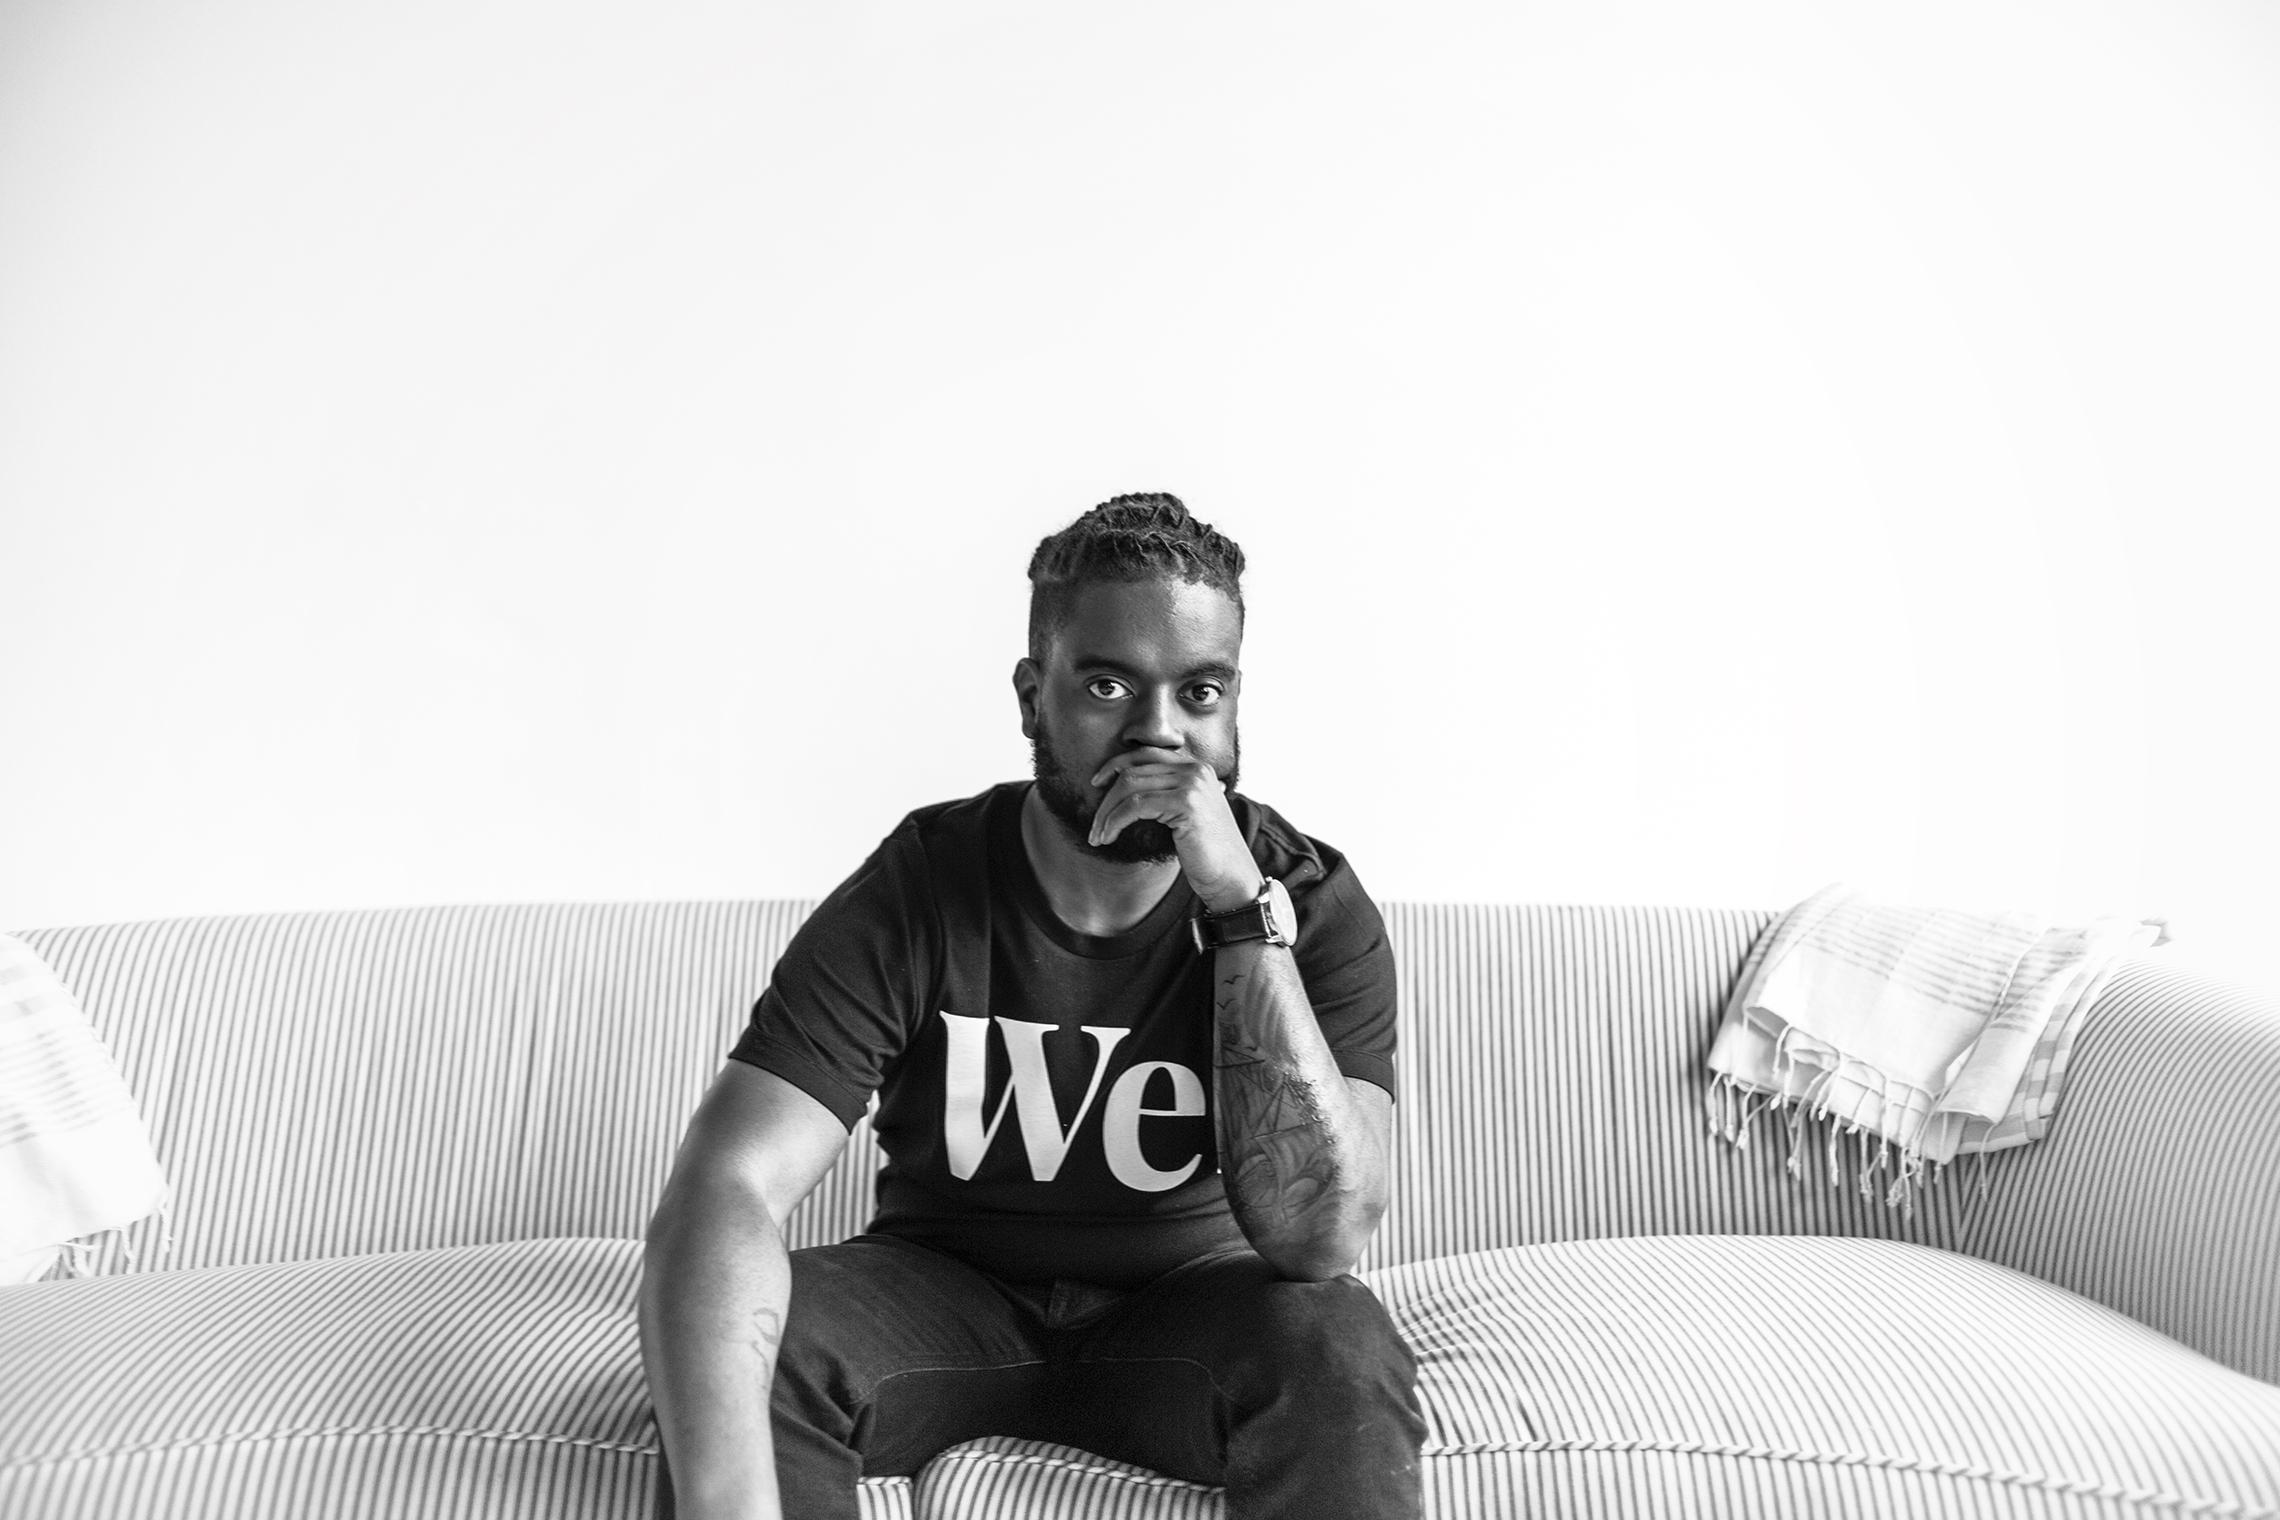 """Kareem Manuel poses while wearing a """"We"""" shirt."""